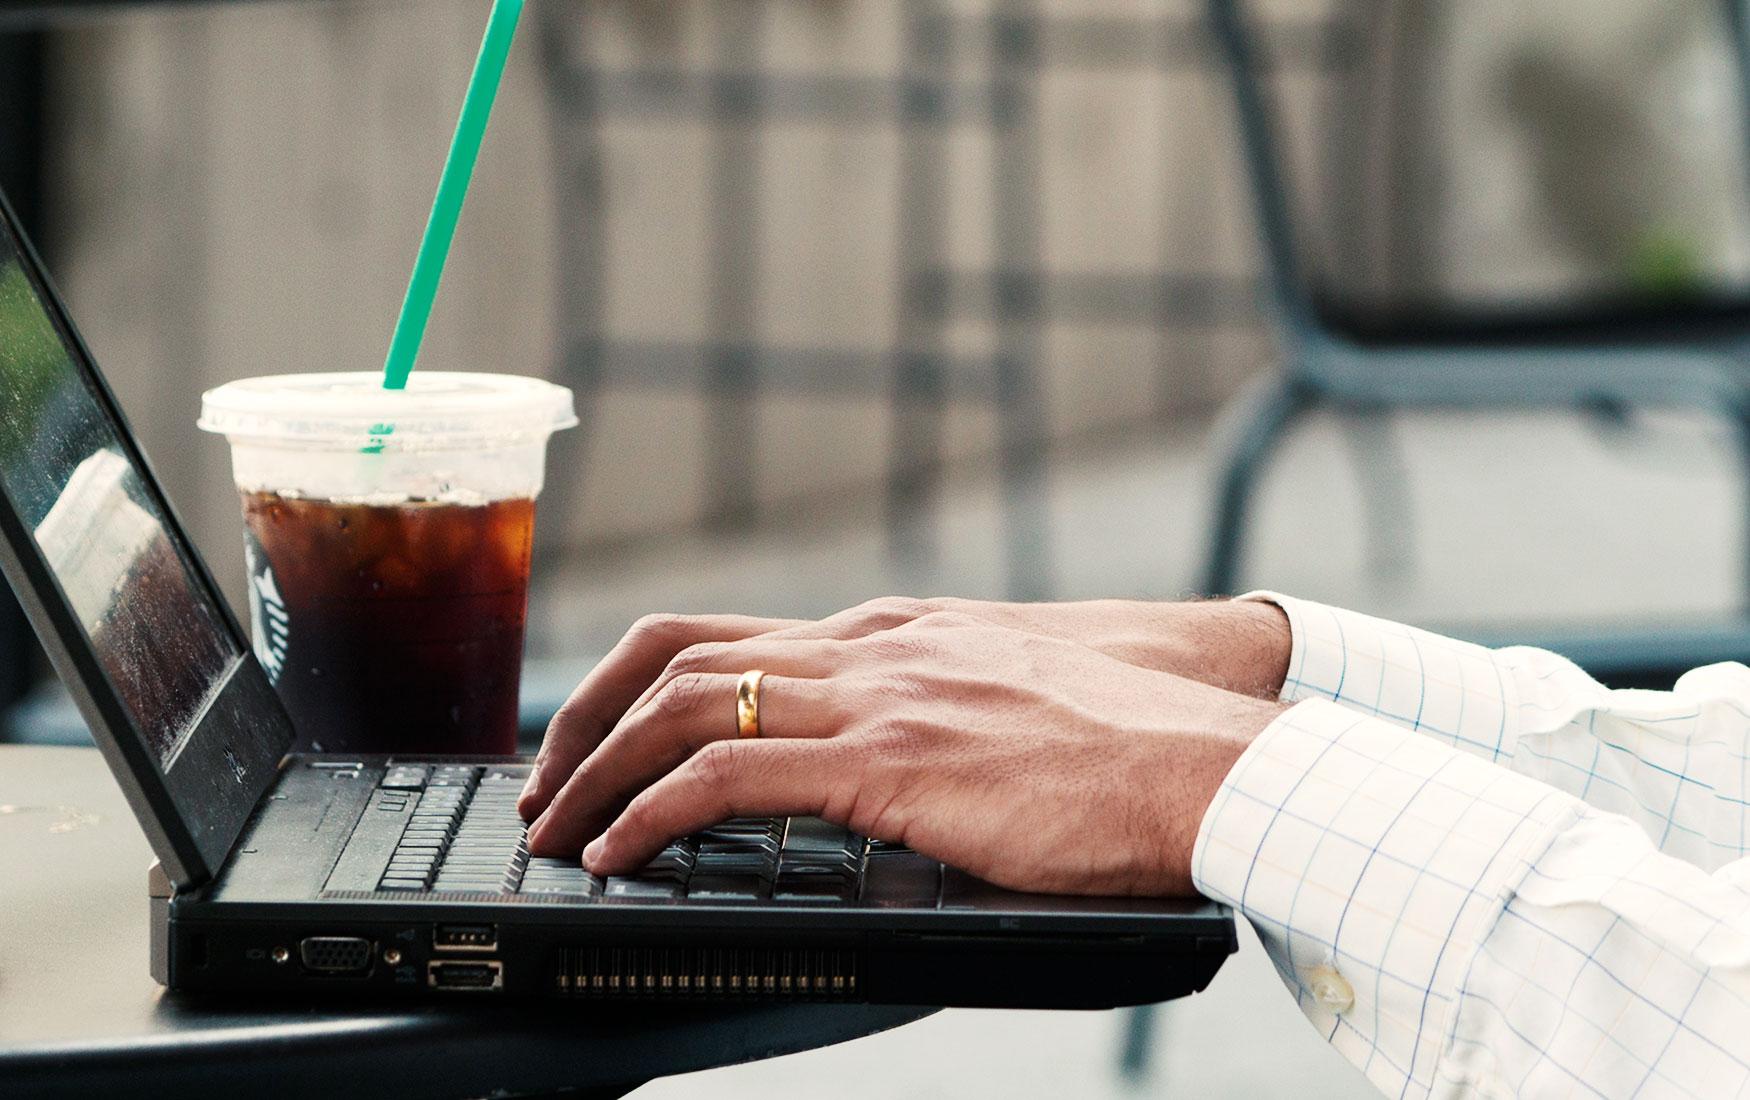 Ликбез по финансам. Какие онлайн-курсы стоит пройти инвестору